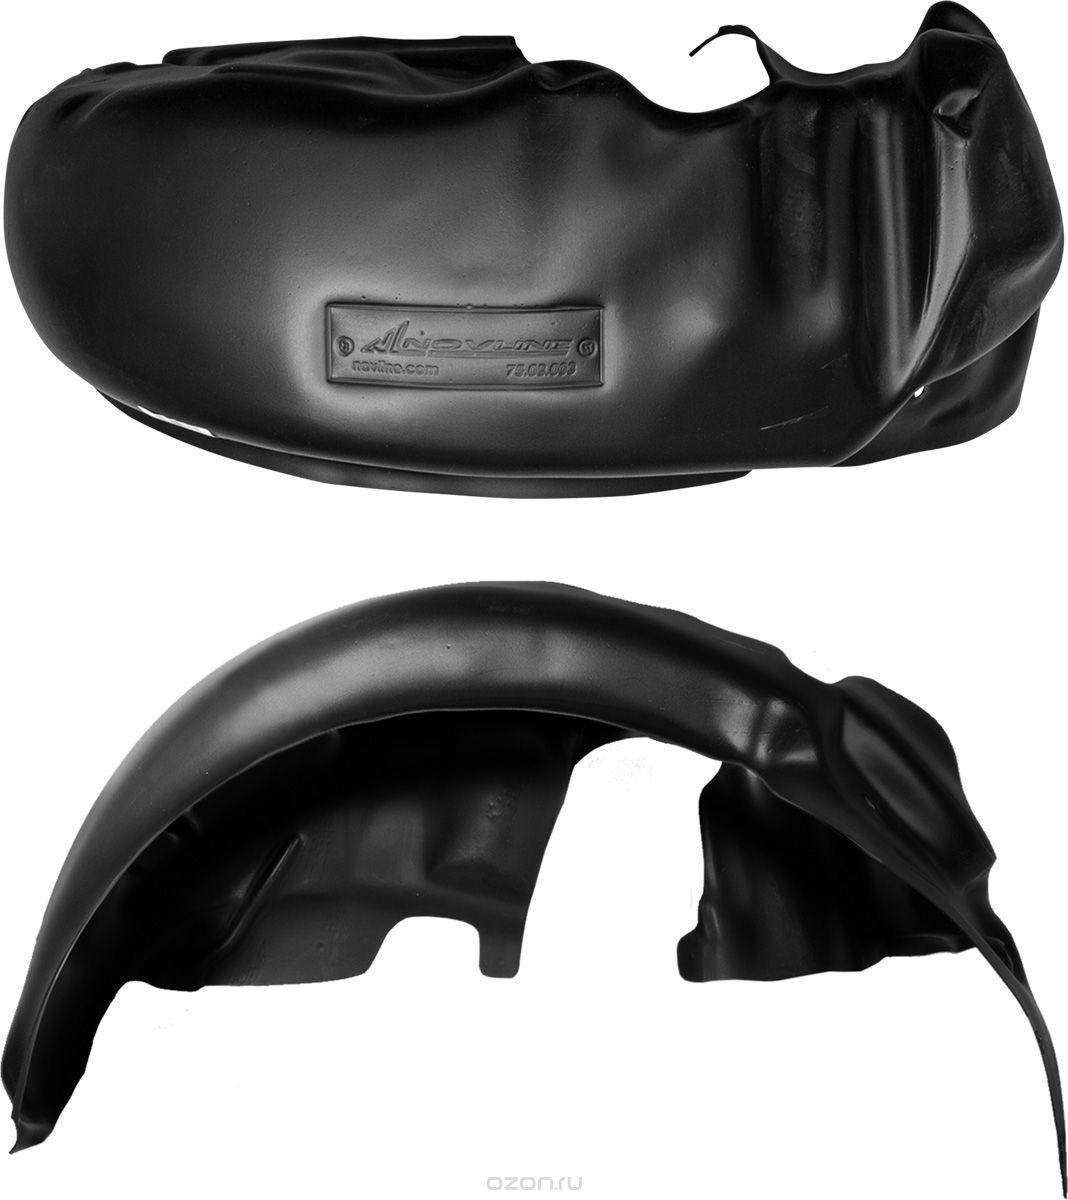 Подкрылок Novline-Autofamily, для Nissan Tiida, 03/2015->, хэтчбек, передний правыйNLL.36.49.002Идеальная защита колесной ниши. Локеры разработаны с применением цифровых технологий, гарантируют максимальную повторяемость поверхности арки. Изделия устанавливаются без нарушения лакокрасочного покрытия автомобиля, каждый подкрылок комплектуется крепежом. Уважаемые клиенты, обращаем ваше внимание, что фотографии на подкрылки универсальные и не отражают реальную форму изделия. При этом само изделие идет точно под размер указанного автомобиля.